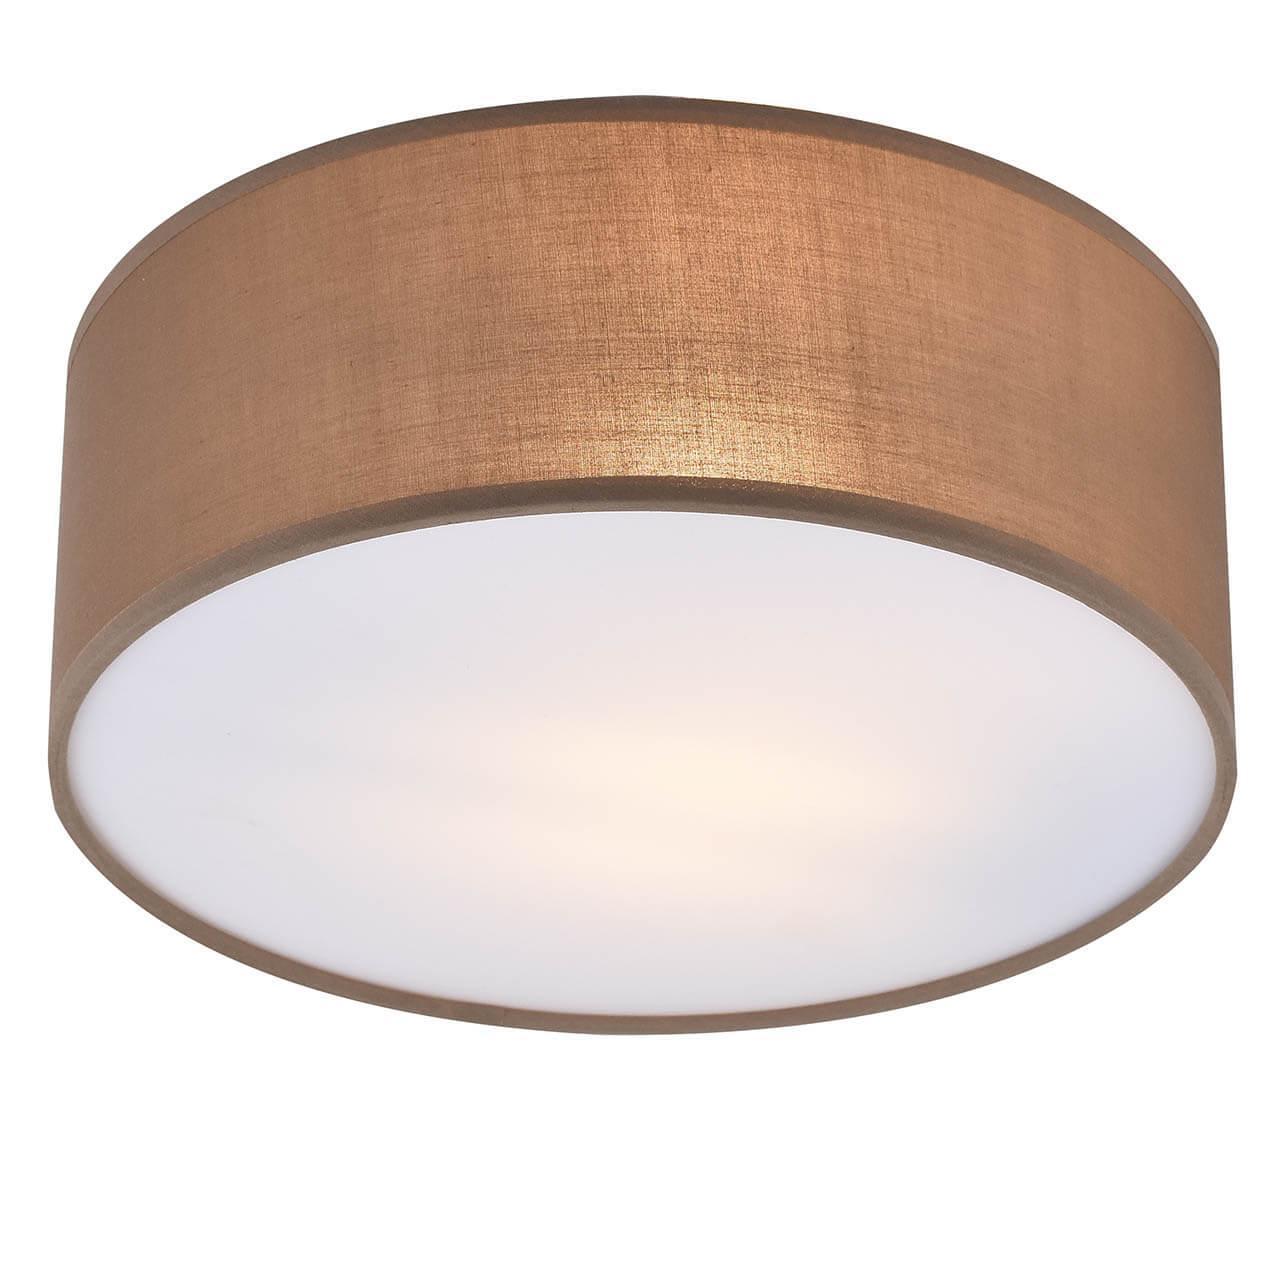 Потолочный светильник Hiper Toulouse H150-1